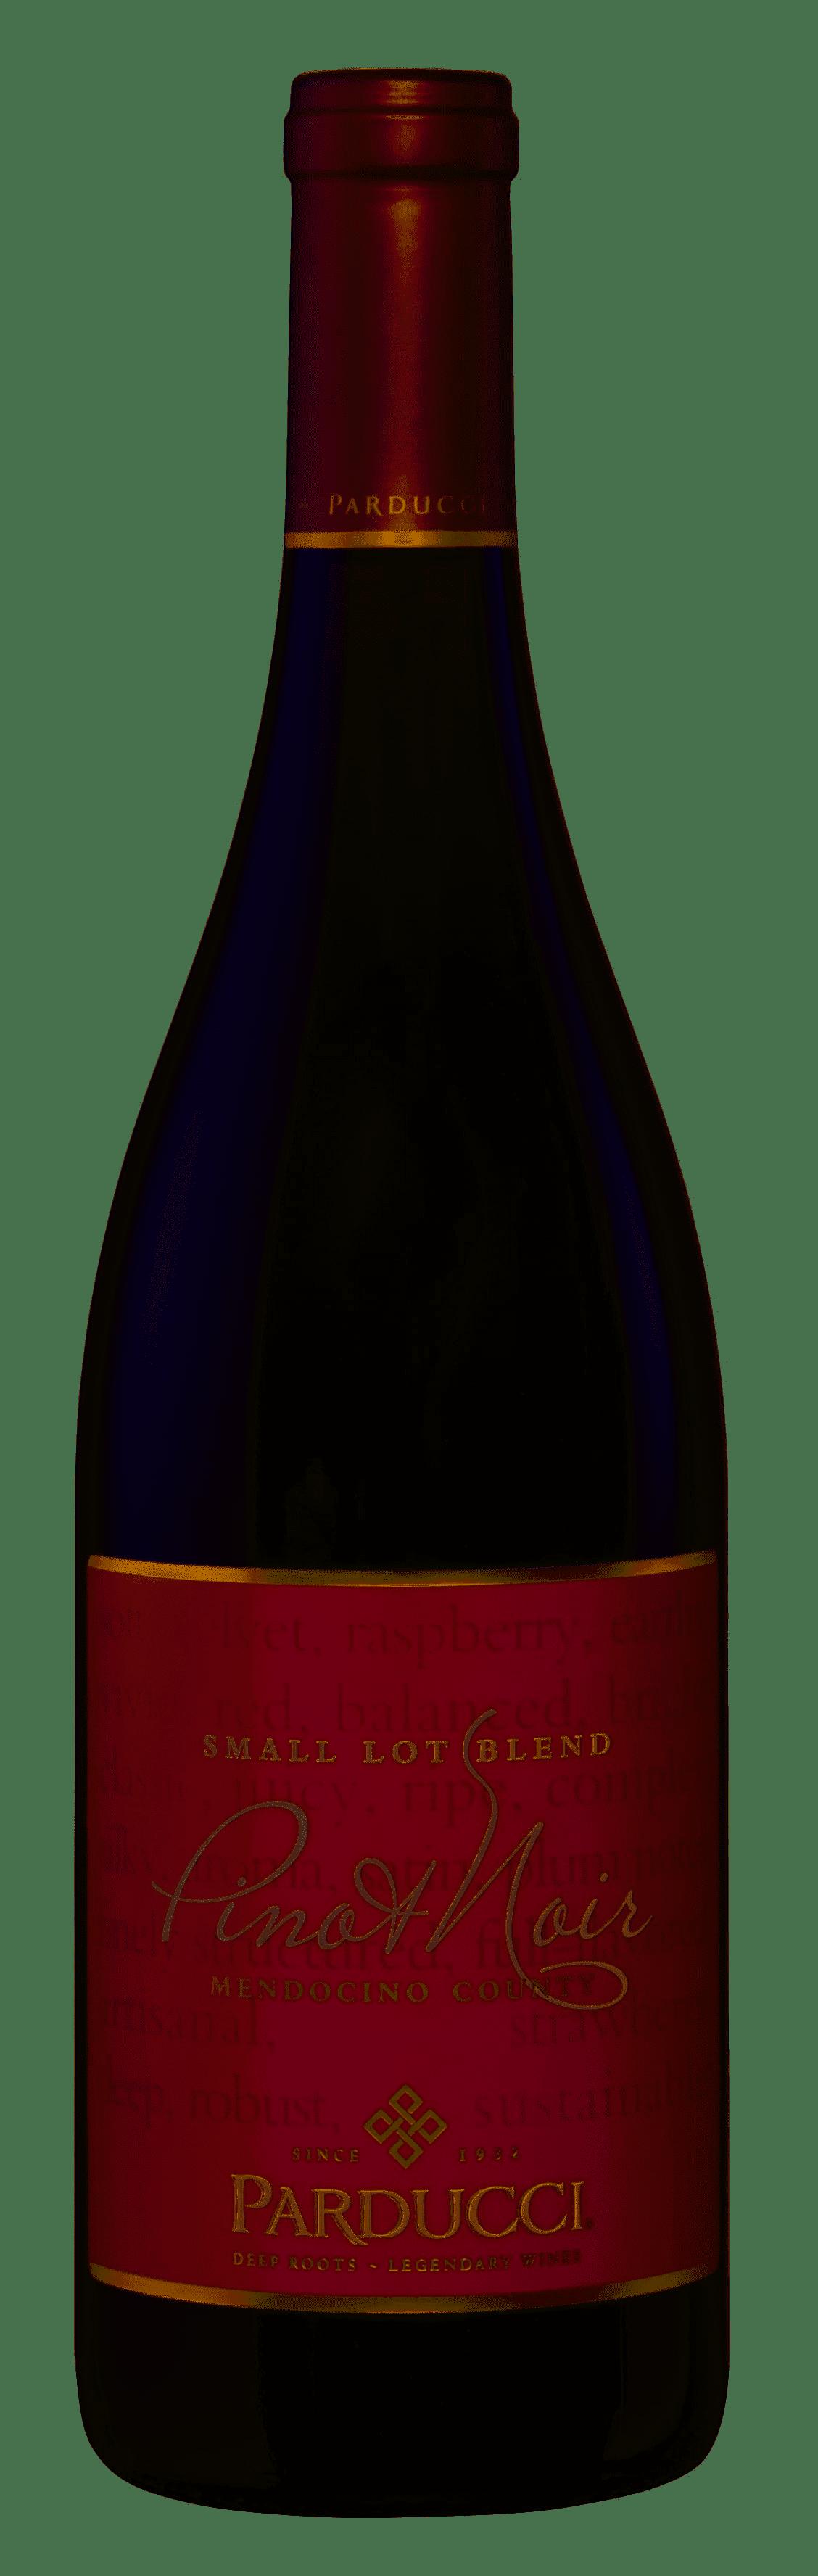 Parducci Small Lot Blend Pinot Noir